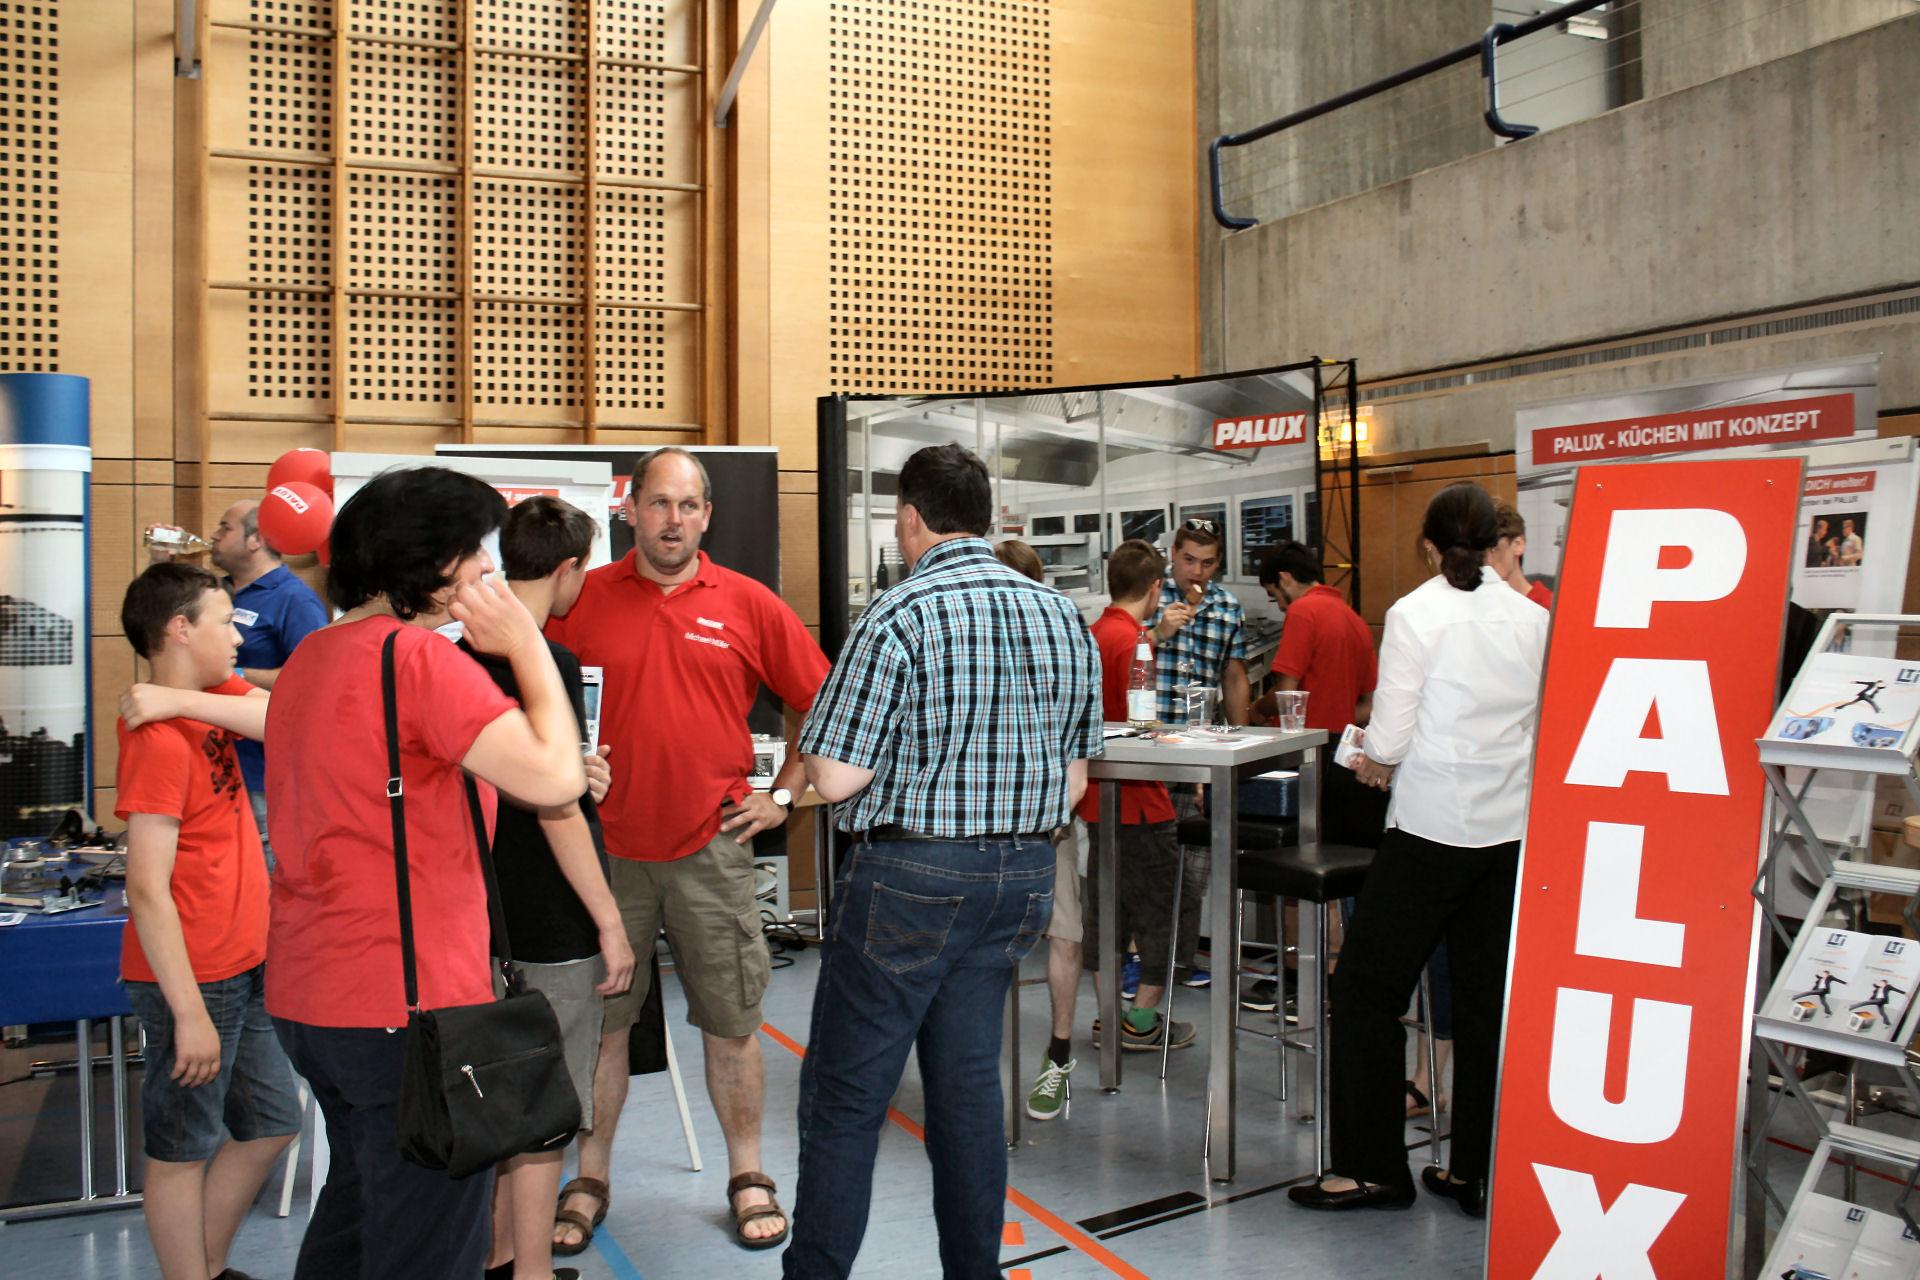 Die Bildungsmesse Lauda Königshofen ist ebenso wie Bildungsmesse in Heilbronn eine offizielle Veranstaltung der IHK und HK Heilbronn Franken